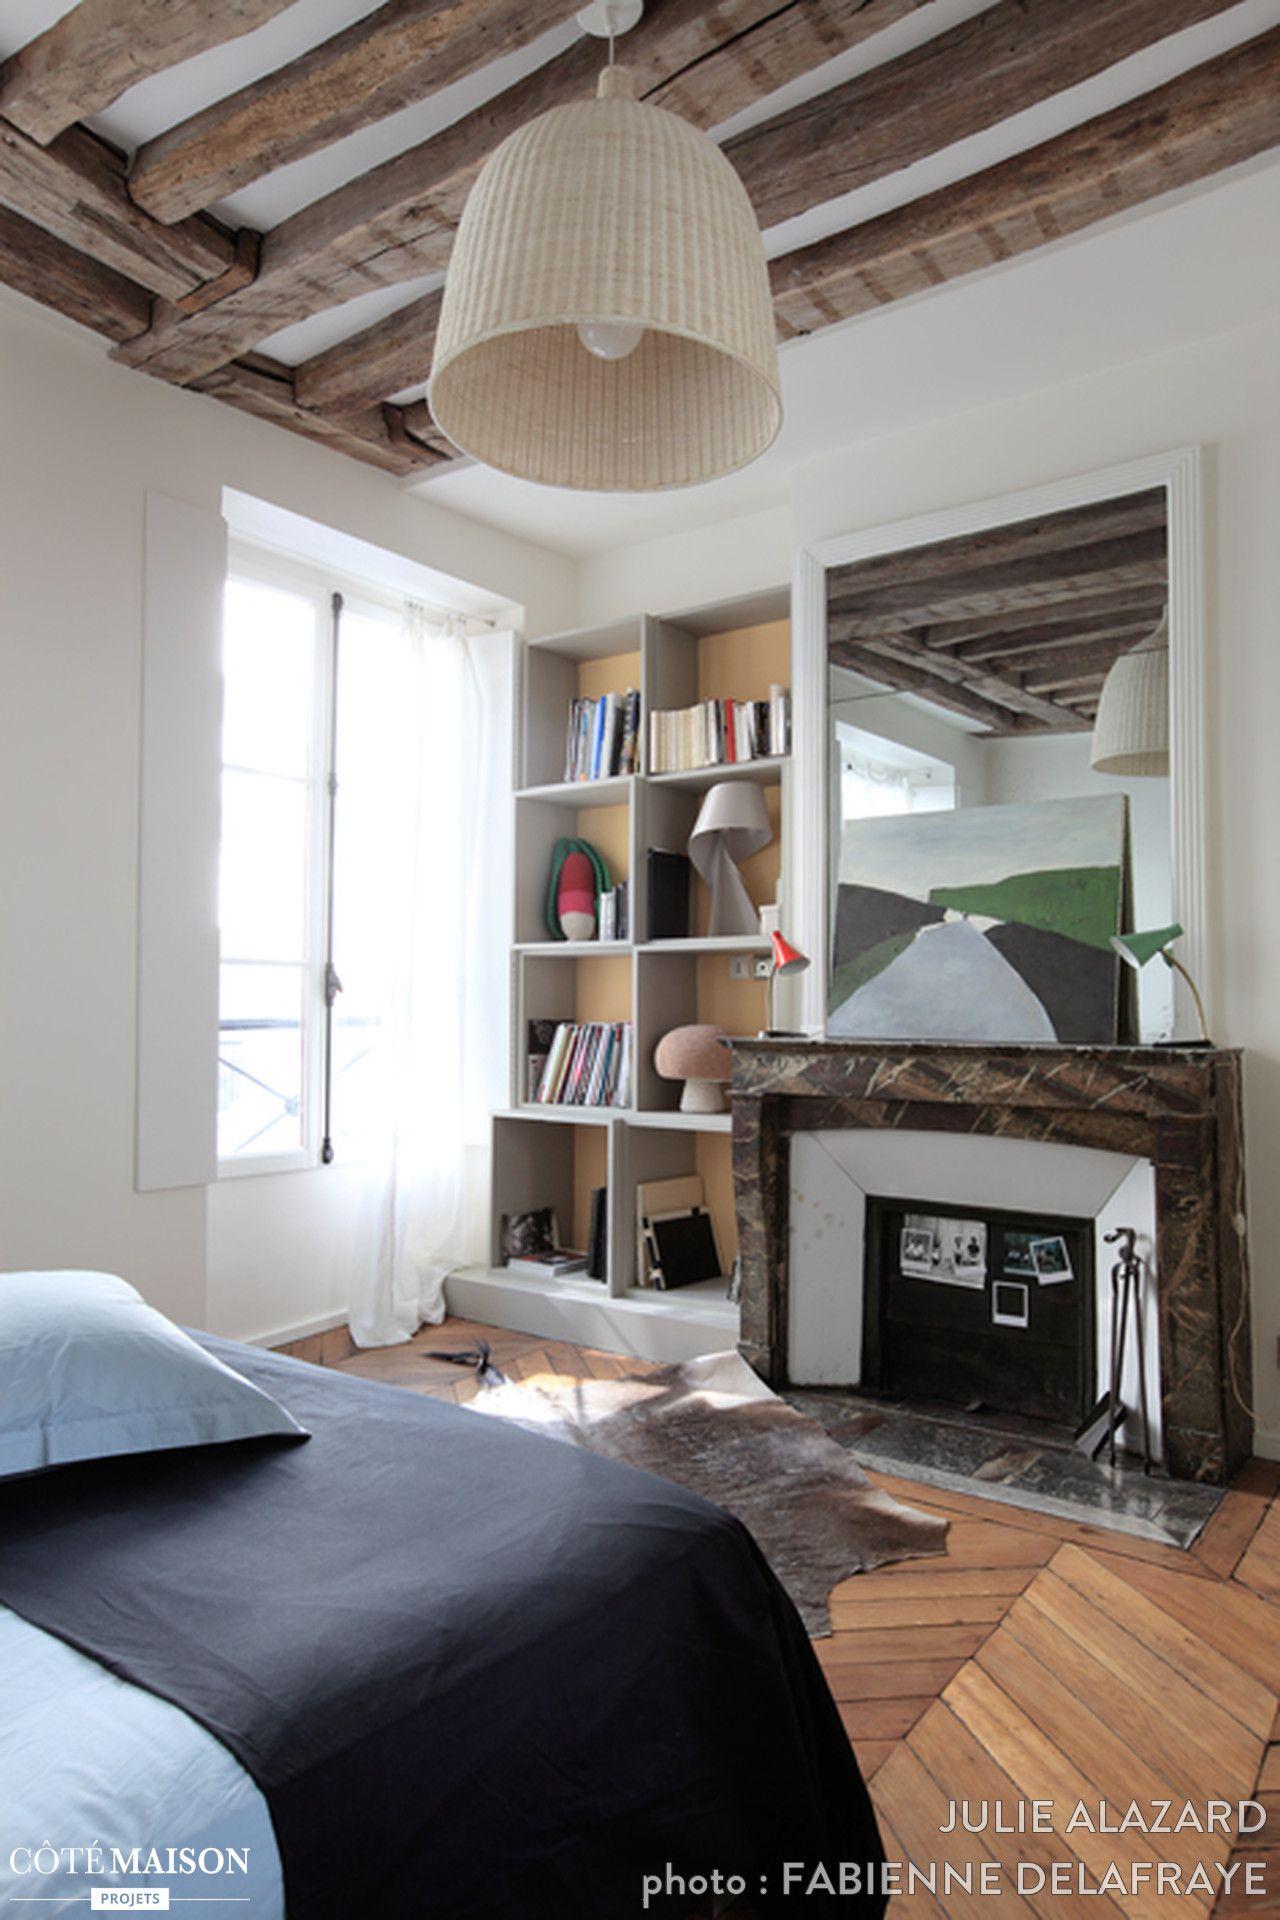 Quel Luminaire Pour Plafond Avec Poutre une chambre avec une chemin�e et du parquet. au plafond, les